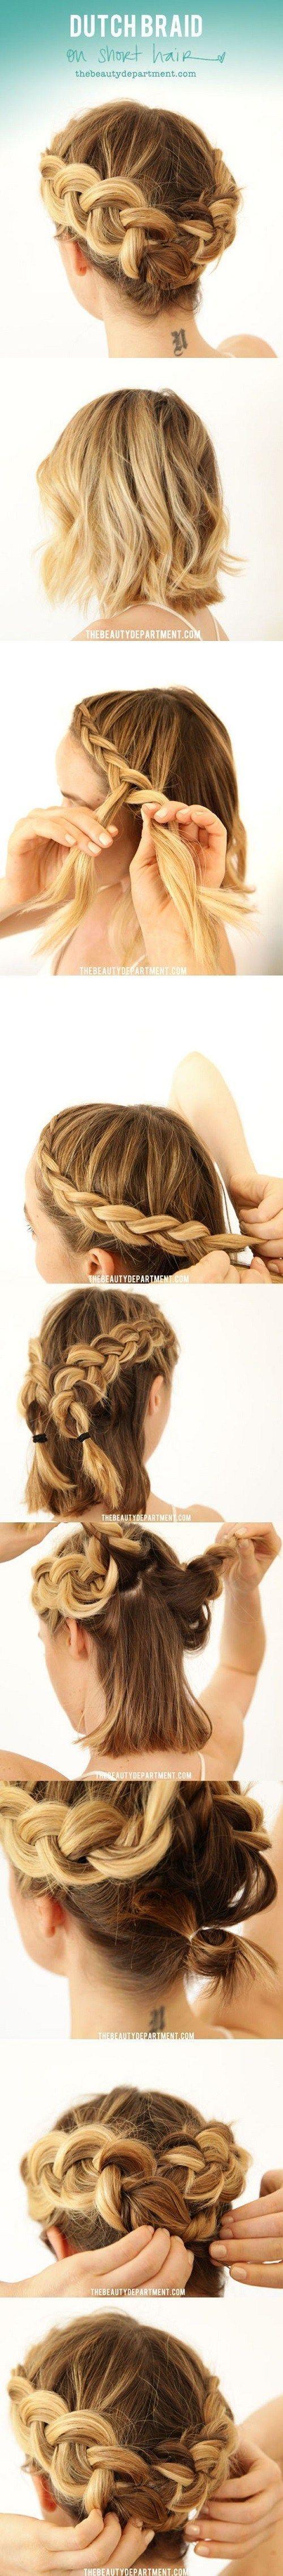 15 einfache Schritt für Schritt Frisur Tutorials #hairtutorials